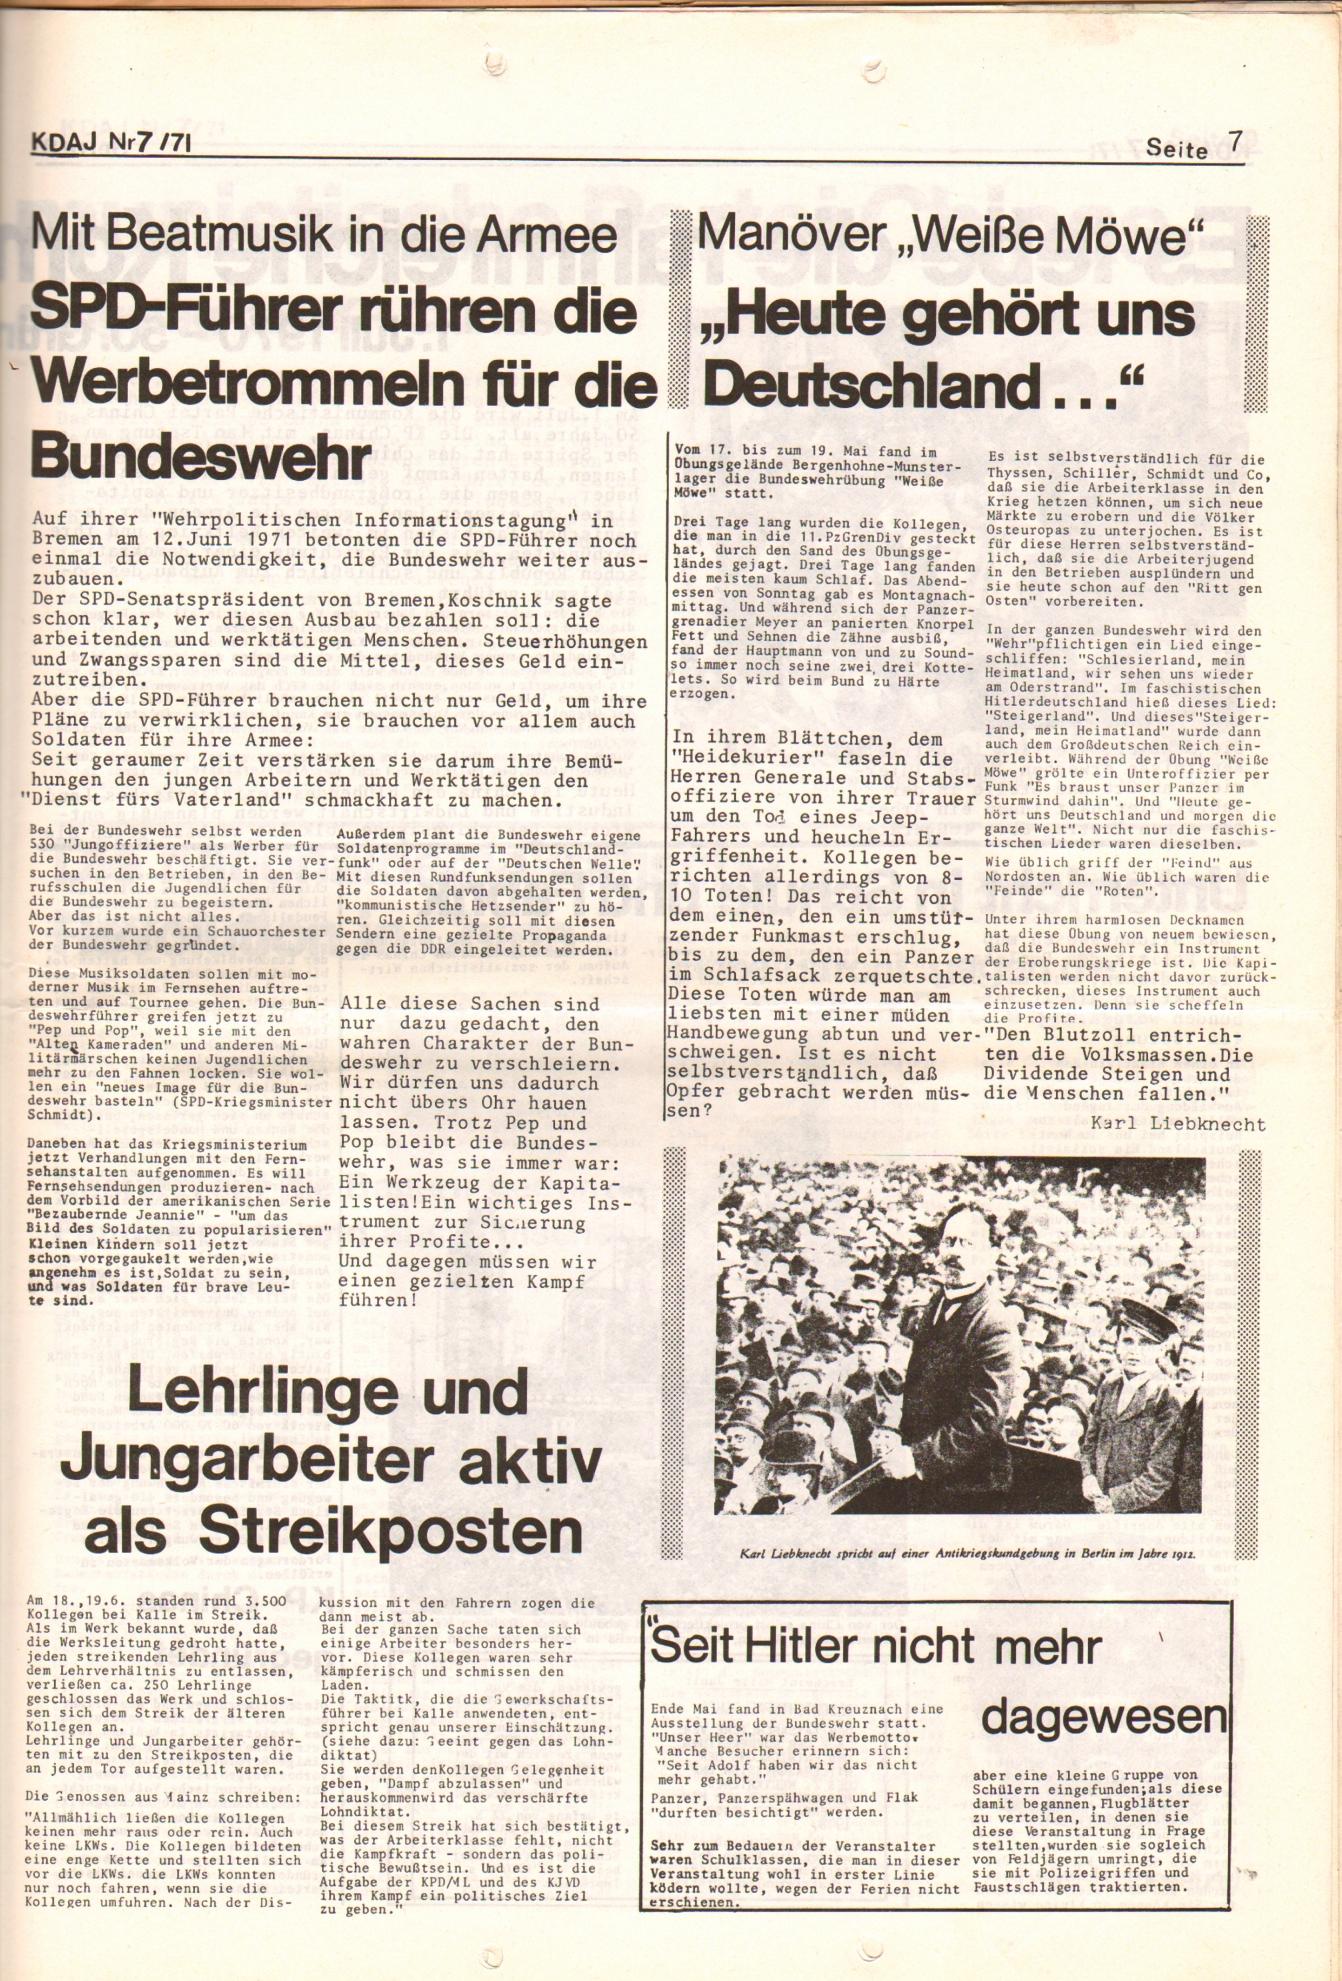 KDAJ, 2. Jg., Juli 1971, Nr. 7, Seite 7